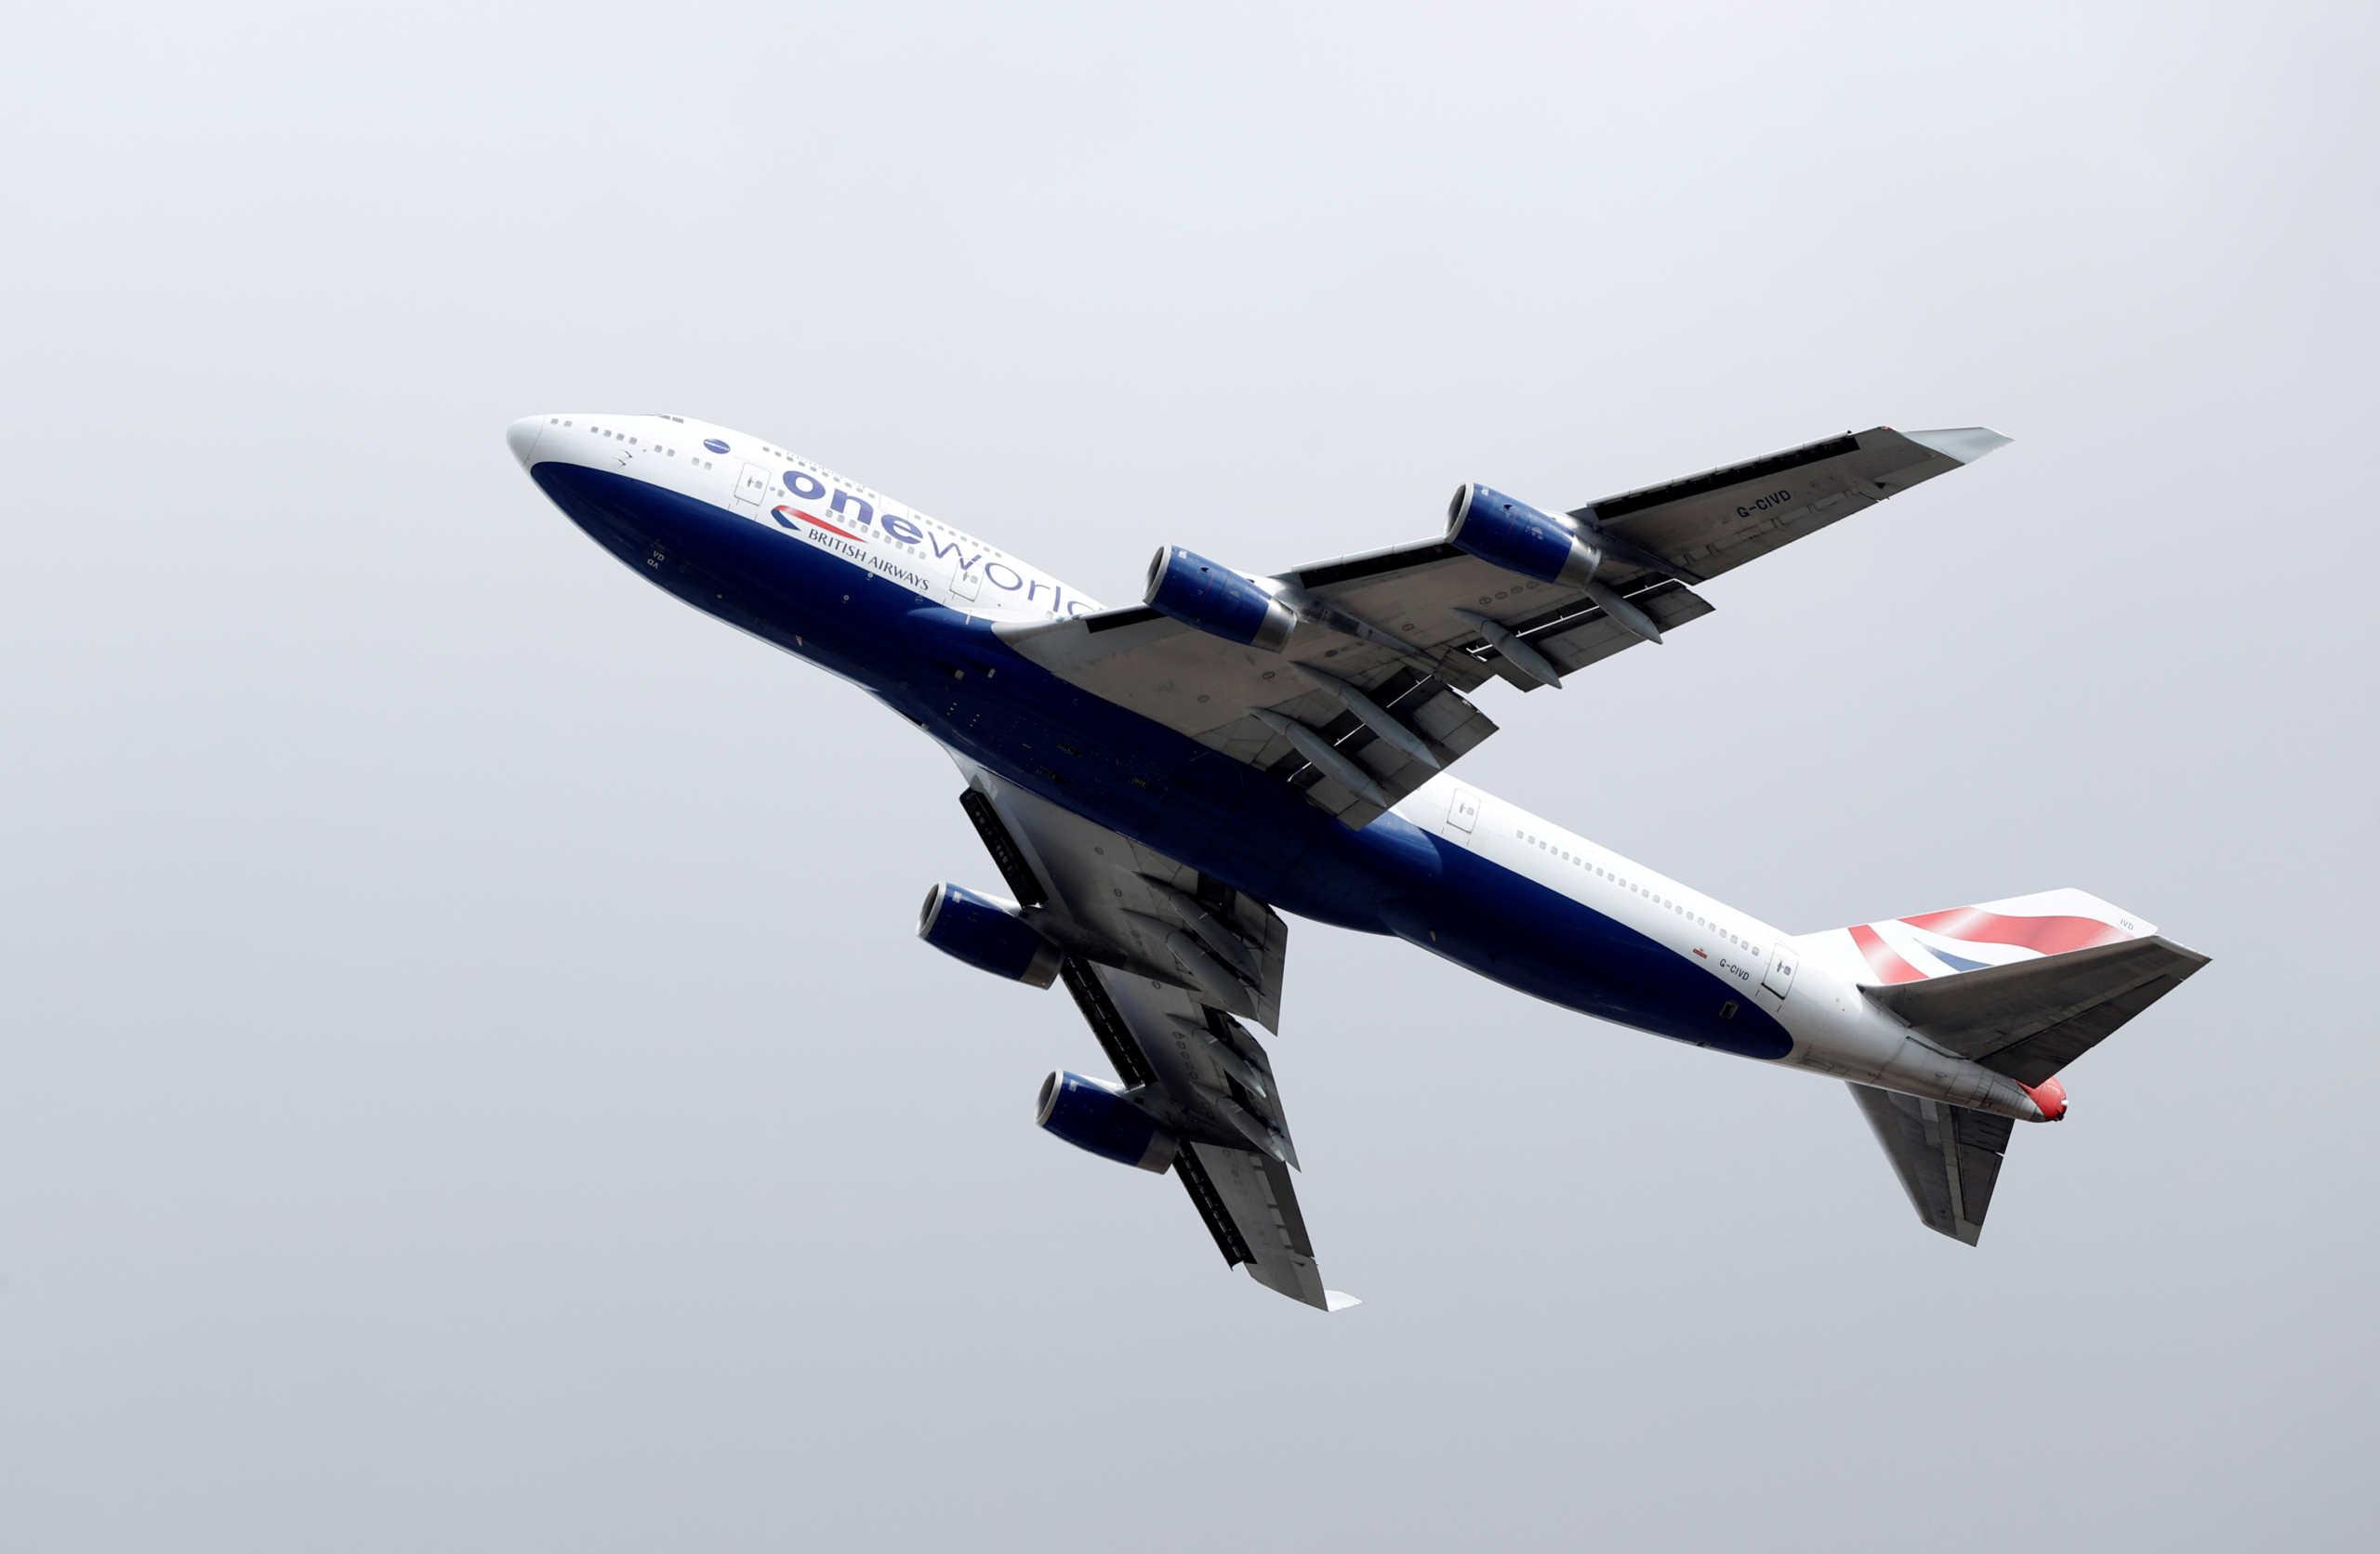 Μετάλλαξη κορονοϊού: Συνεχίζεται το παγκόσμιο «μπλόκο» στις πτήσεις από Βρετανία